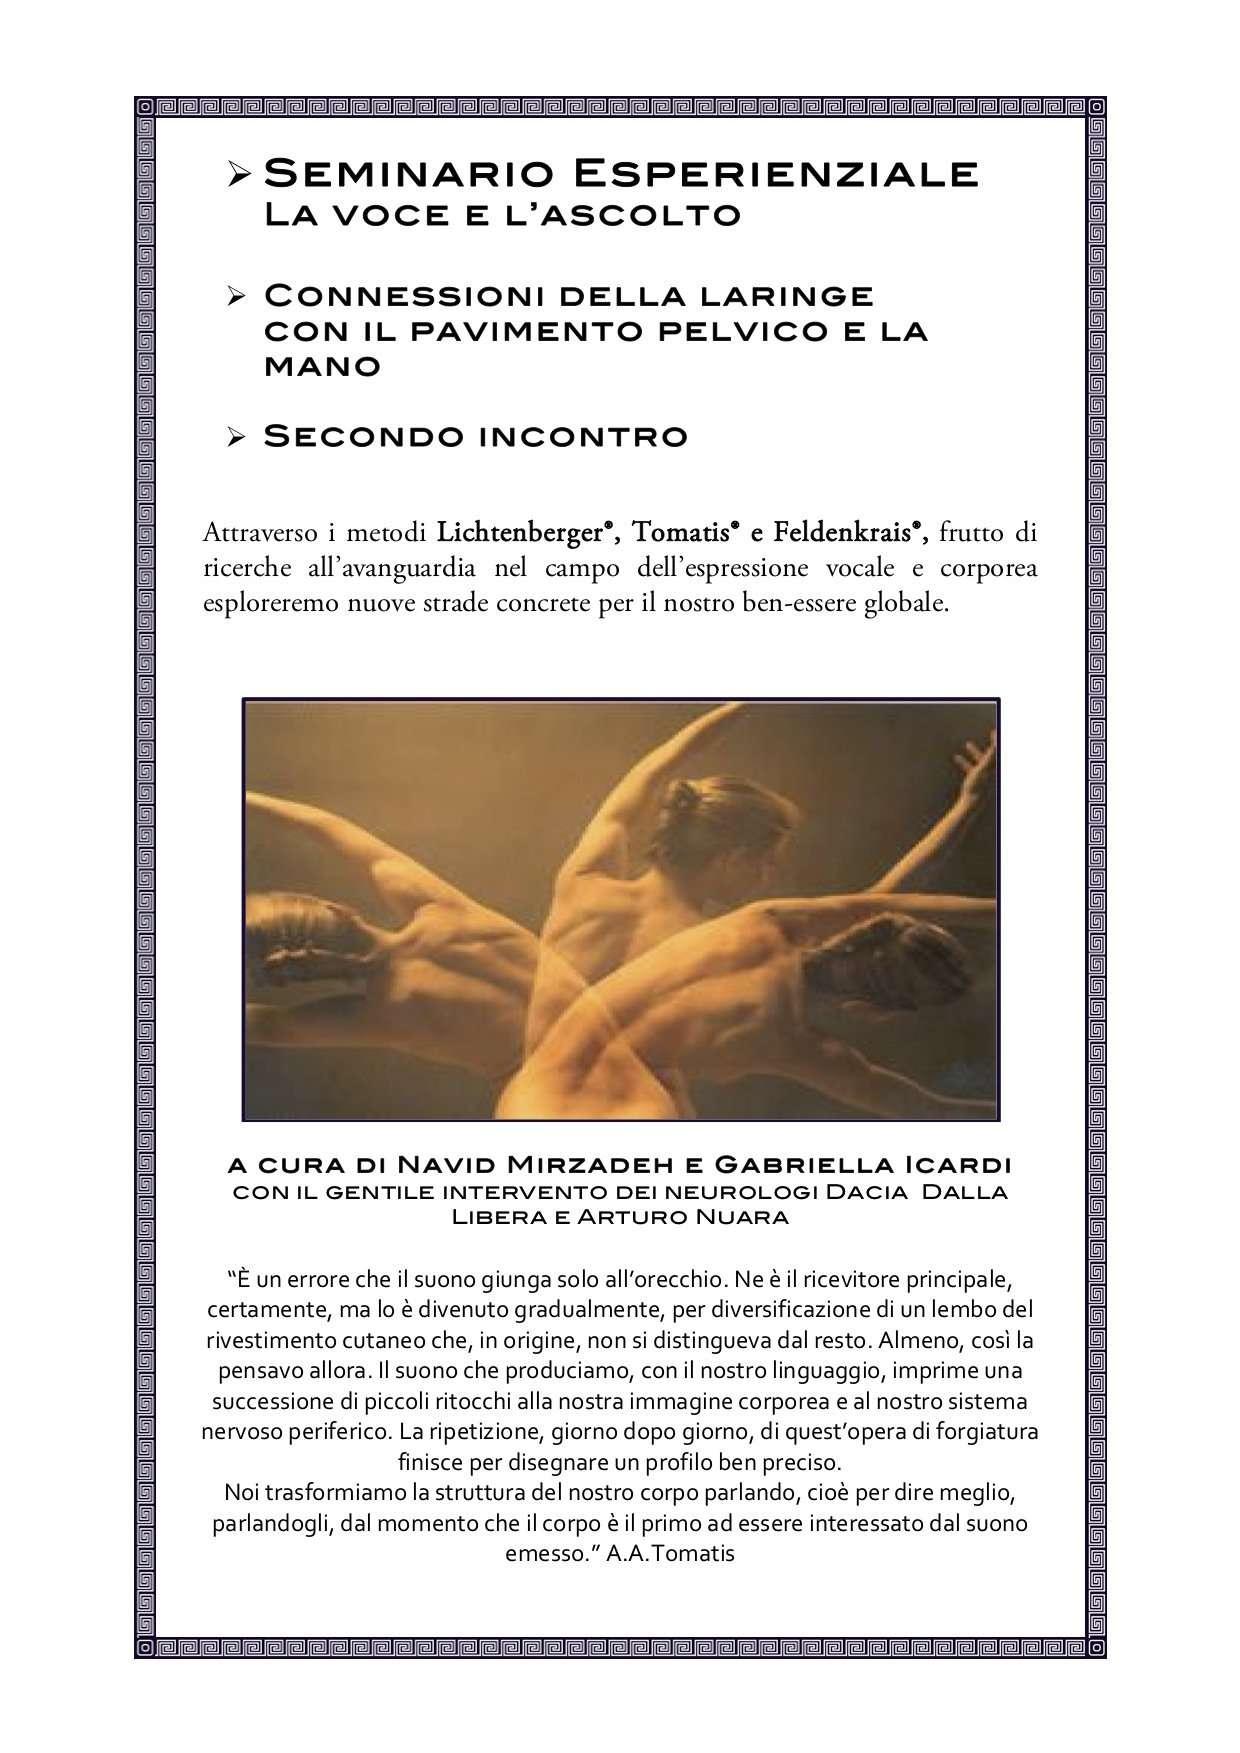 Seminario Esperienziale: La voce e l'ascolto - ASD Centro Feldenkrais Movimento Gabriella Icardi